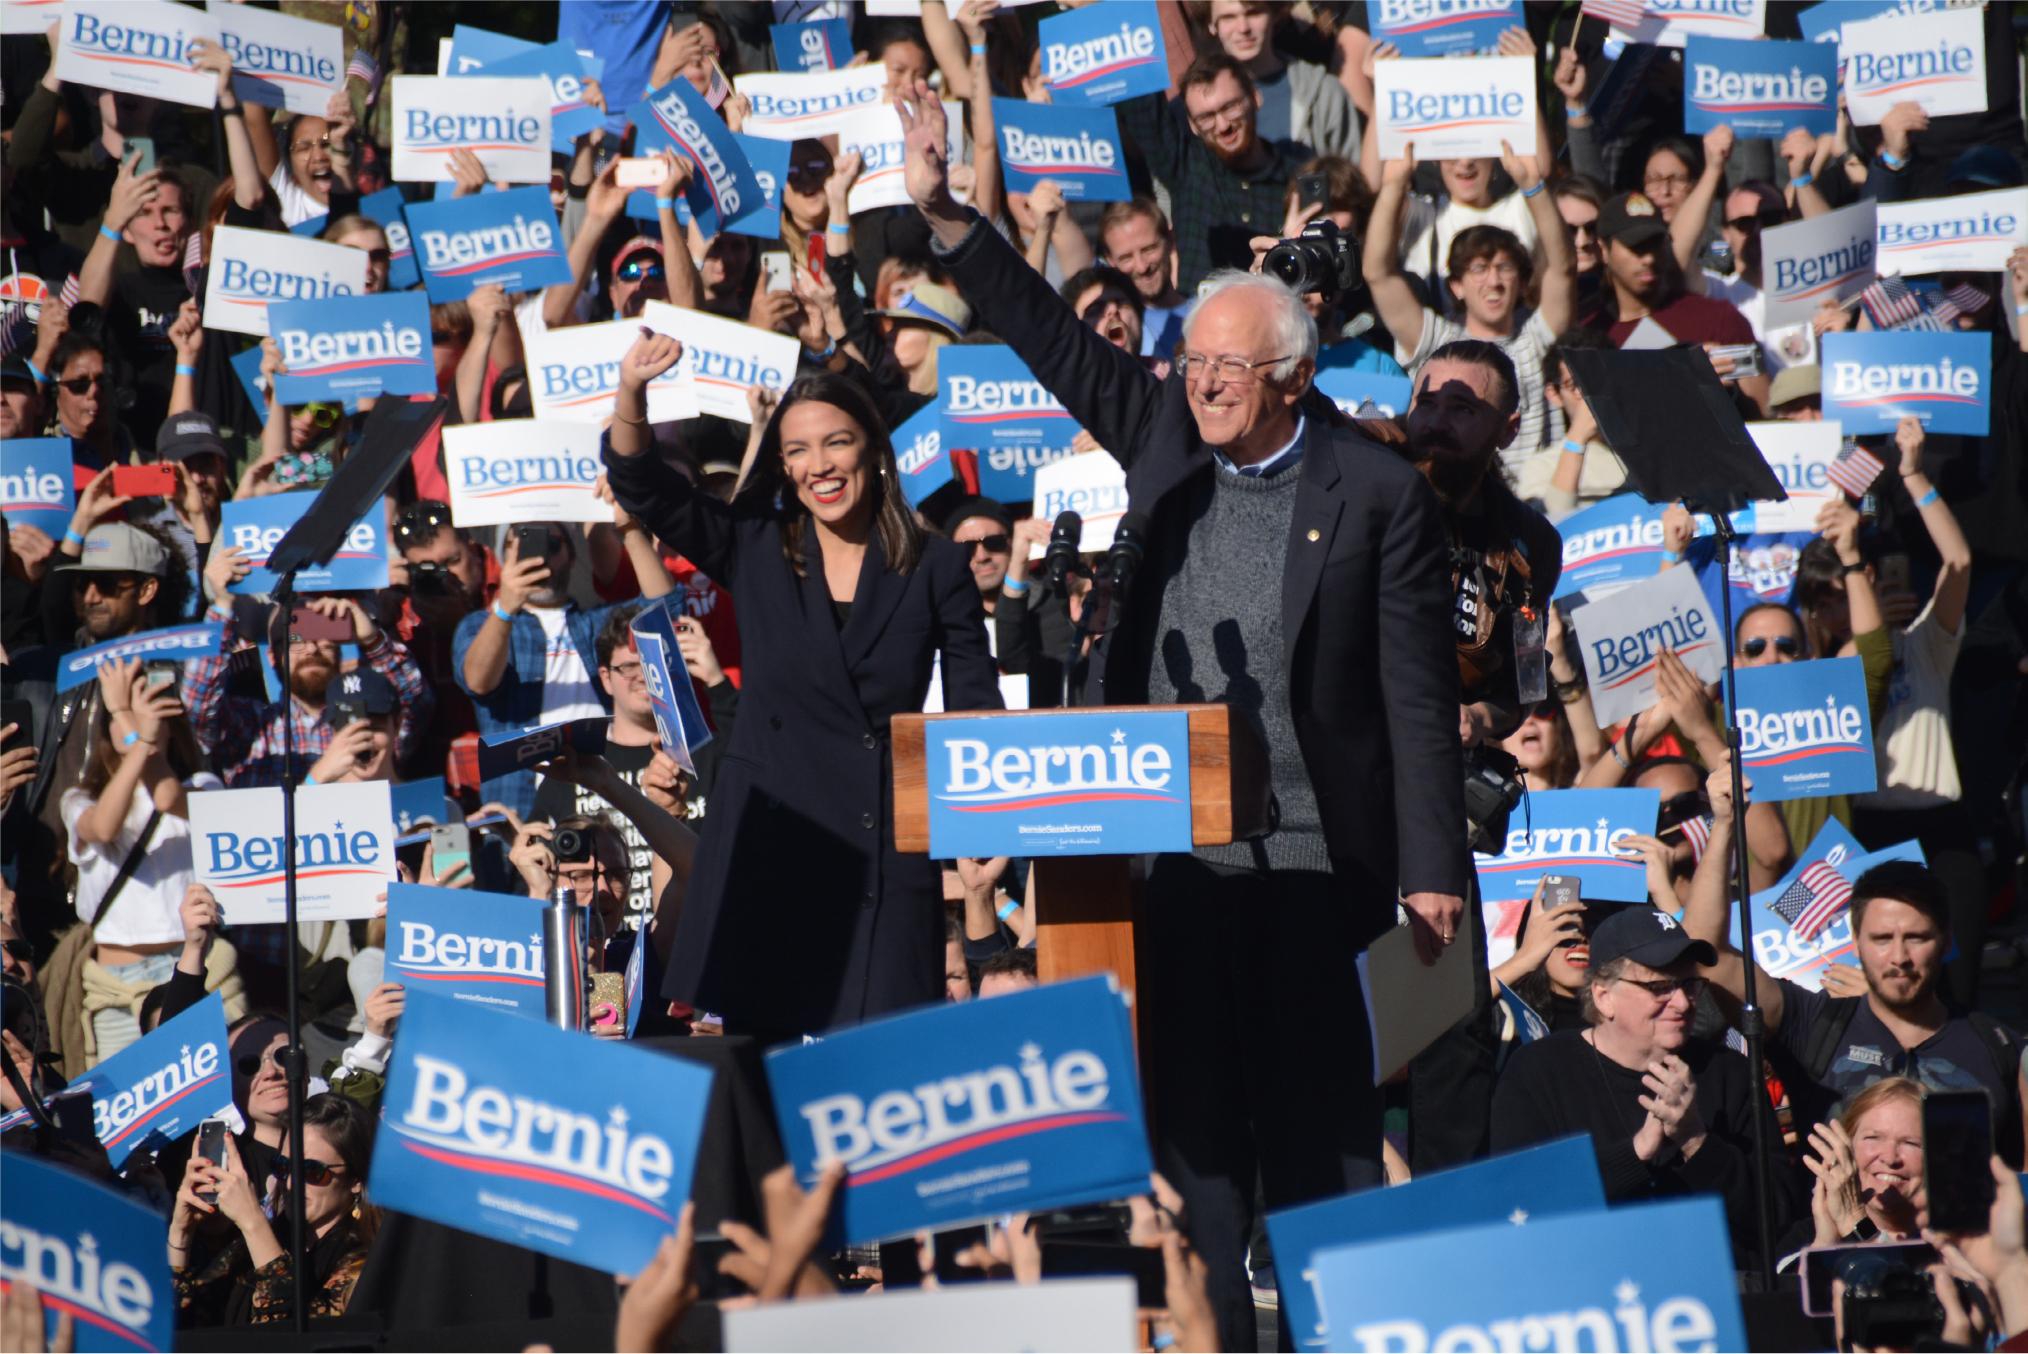 写真・図版 :  聴衆に手を振るバーニー・サンダース上院議員(中央右)と、同氏への支持を表明したアレクサンドリア・オカシオコルテス下院議員=2019年10月19日、米ニューヨーク市